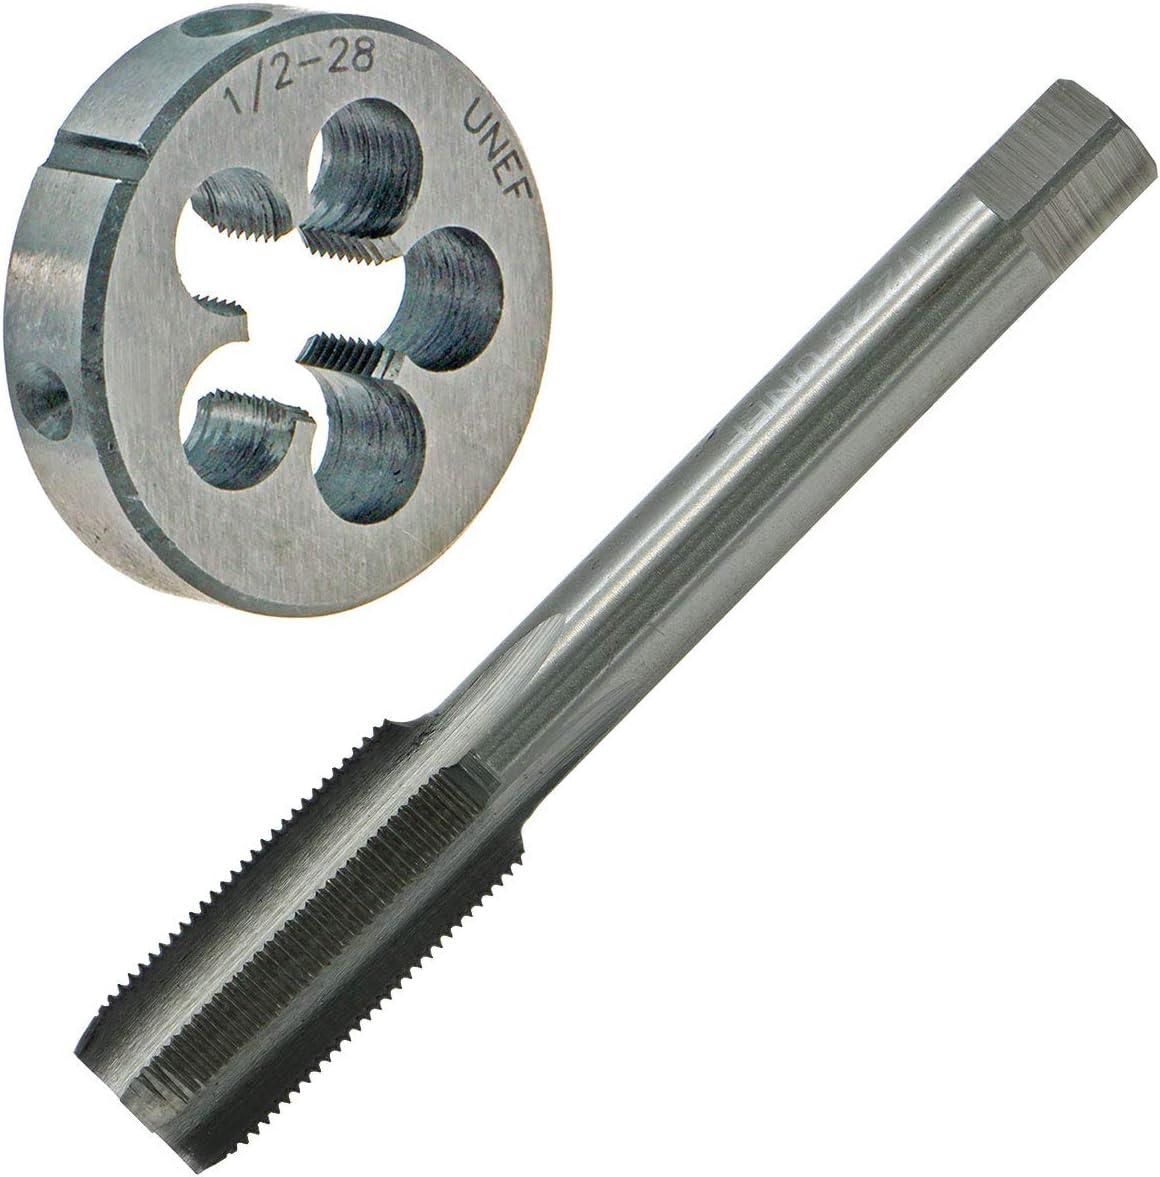 1//2/'/' 28 UNEF Right Hand Thread Tap /& Die Set HSS Gunsmithing Cutting Tool RH